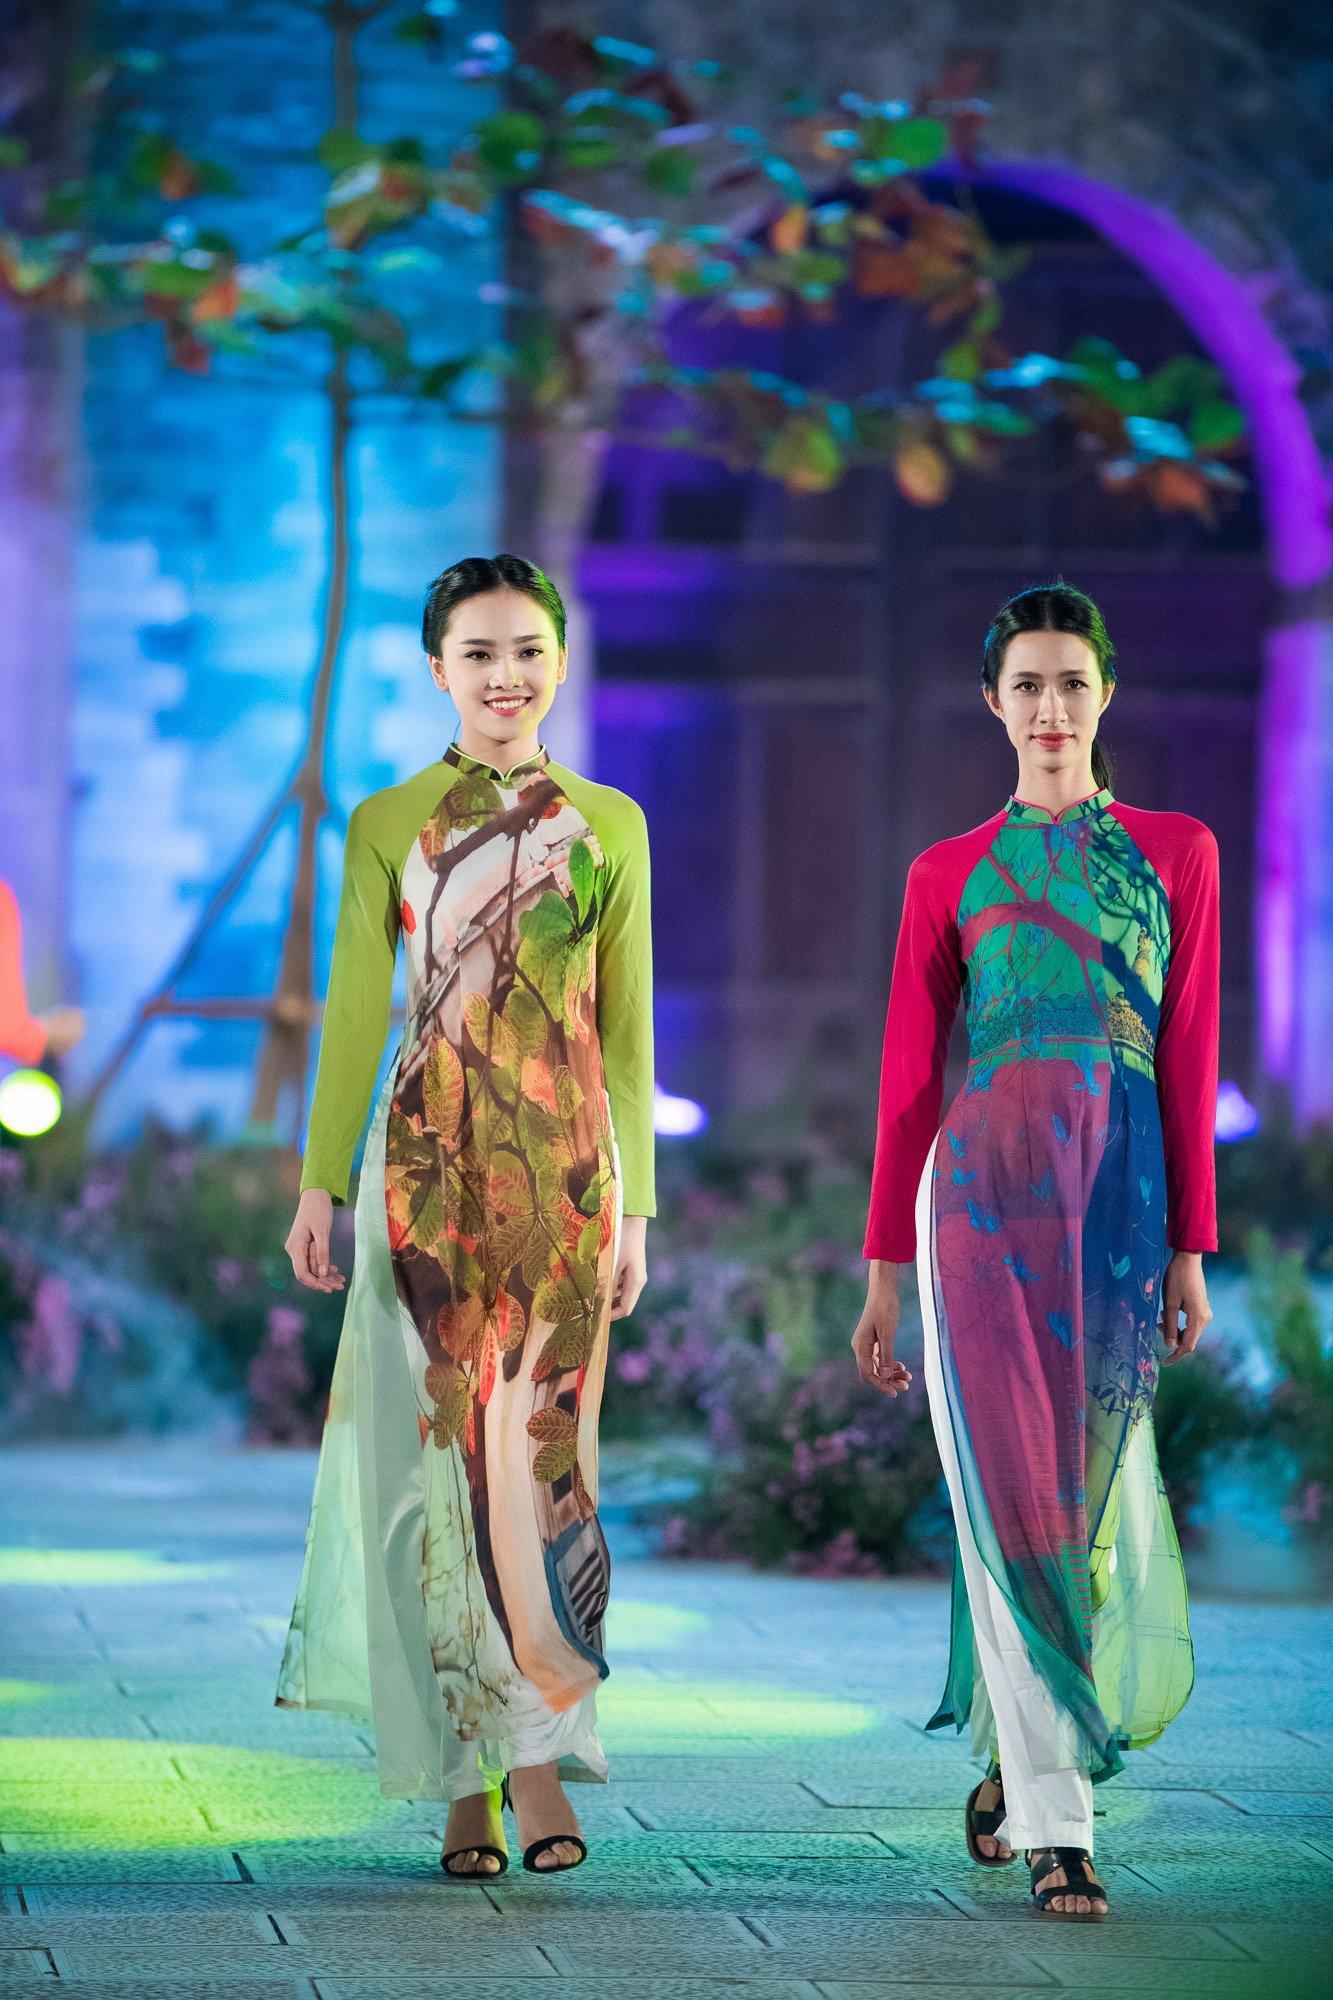 Hàng trăm mẫu áo dài được trình diễn trong Festival Áo dài Hà Nội 2016 7